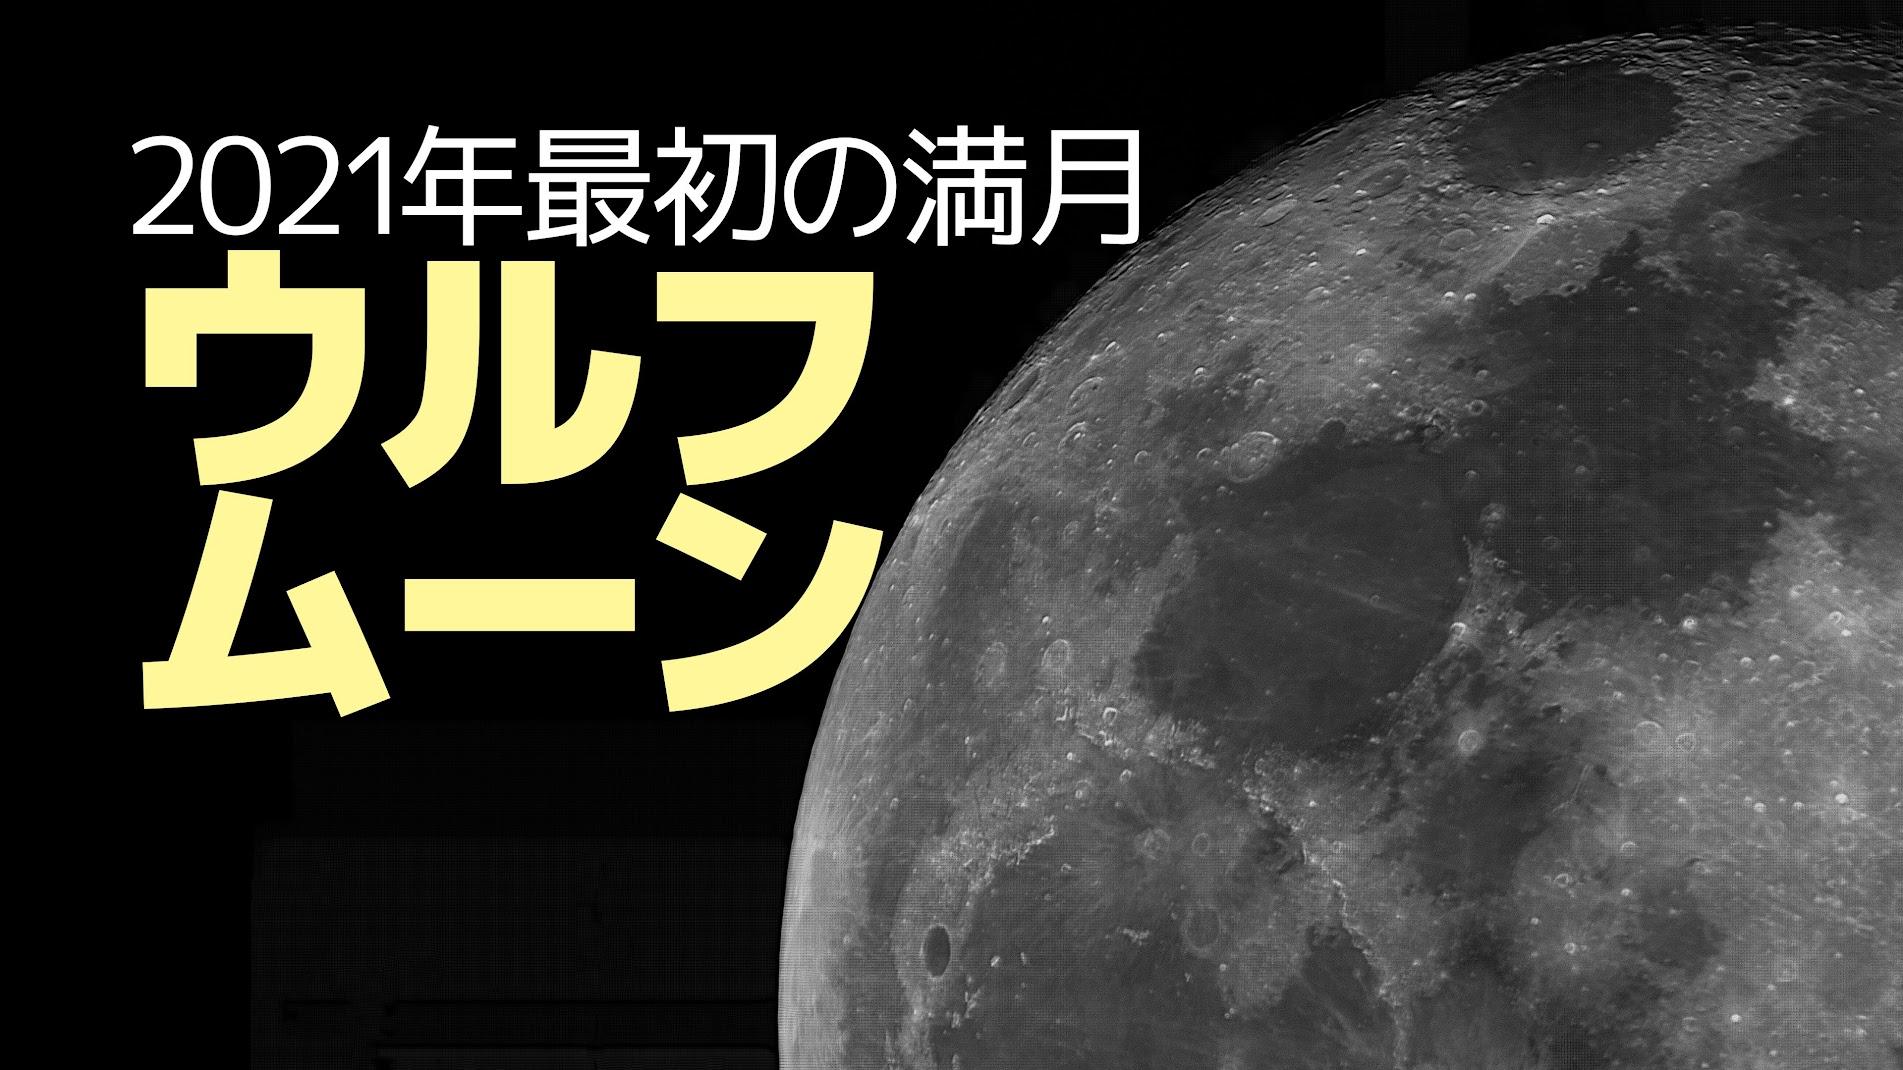 2021年最初の満月ウルフムーン